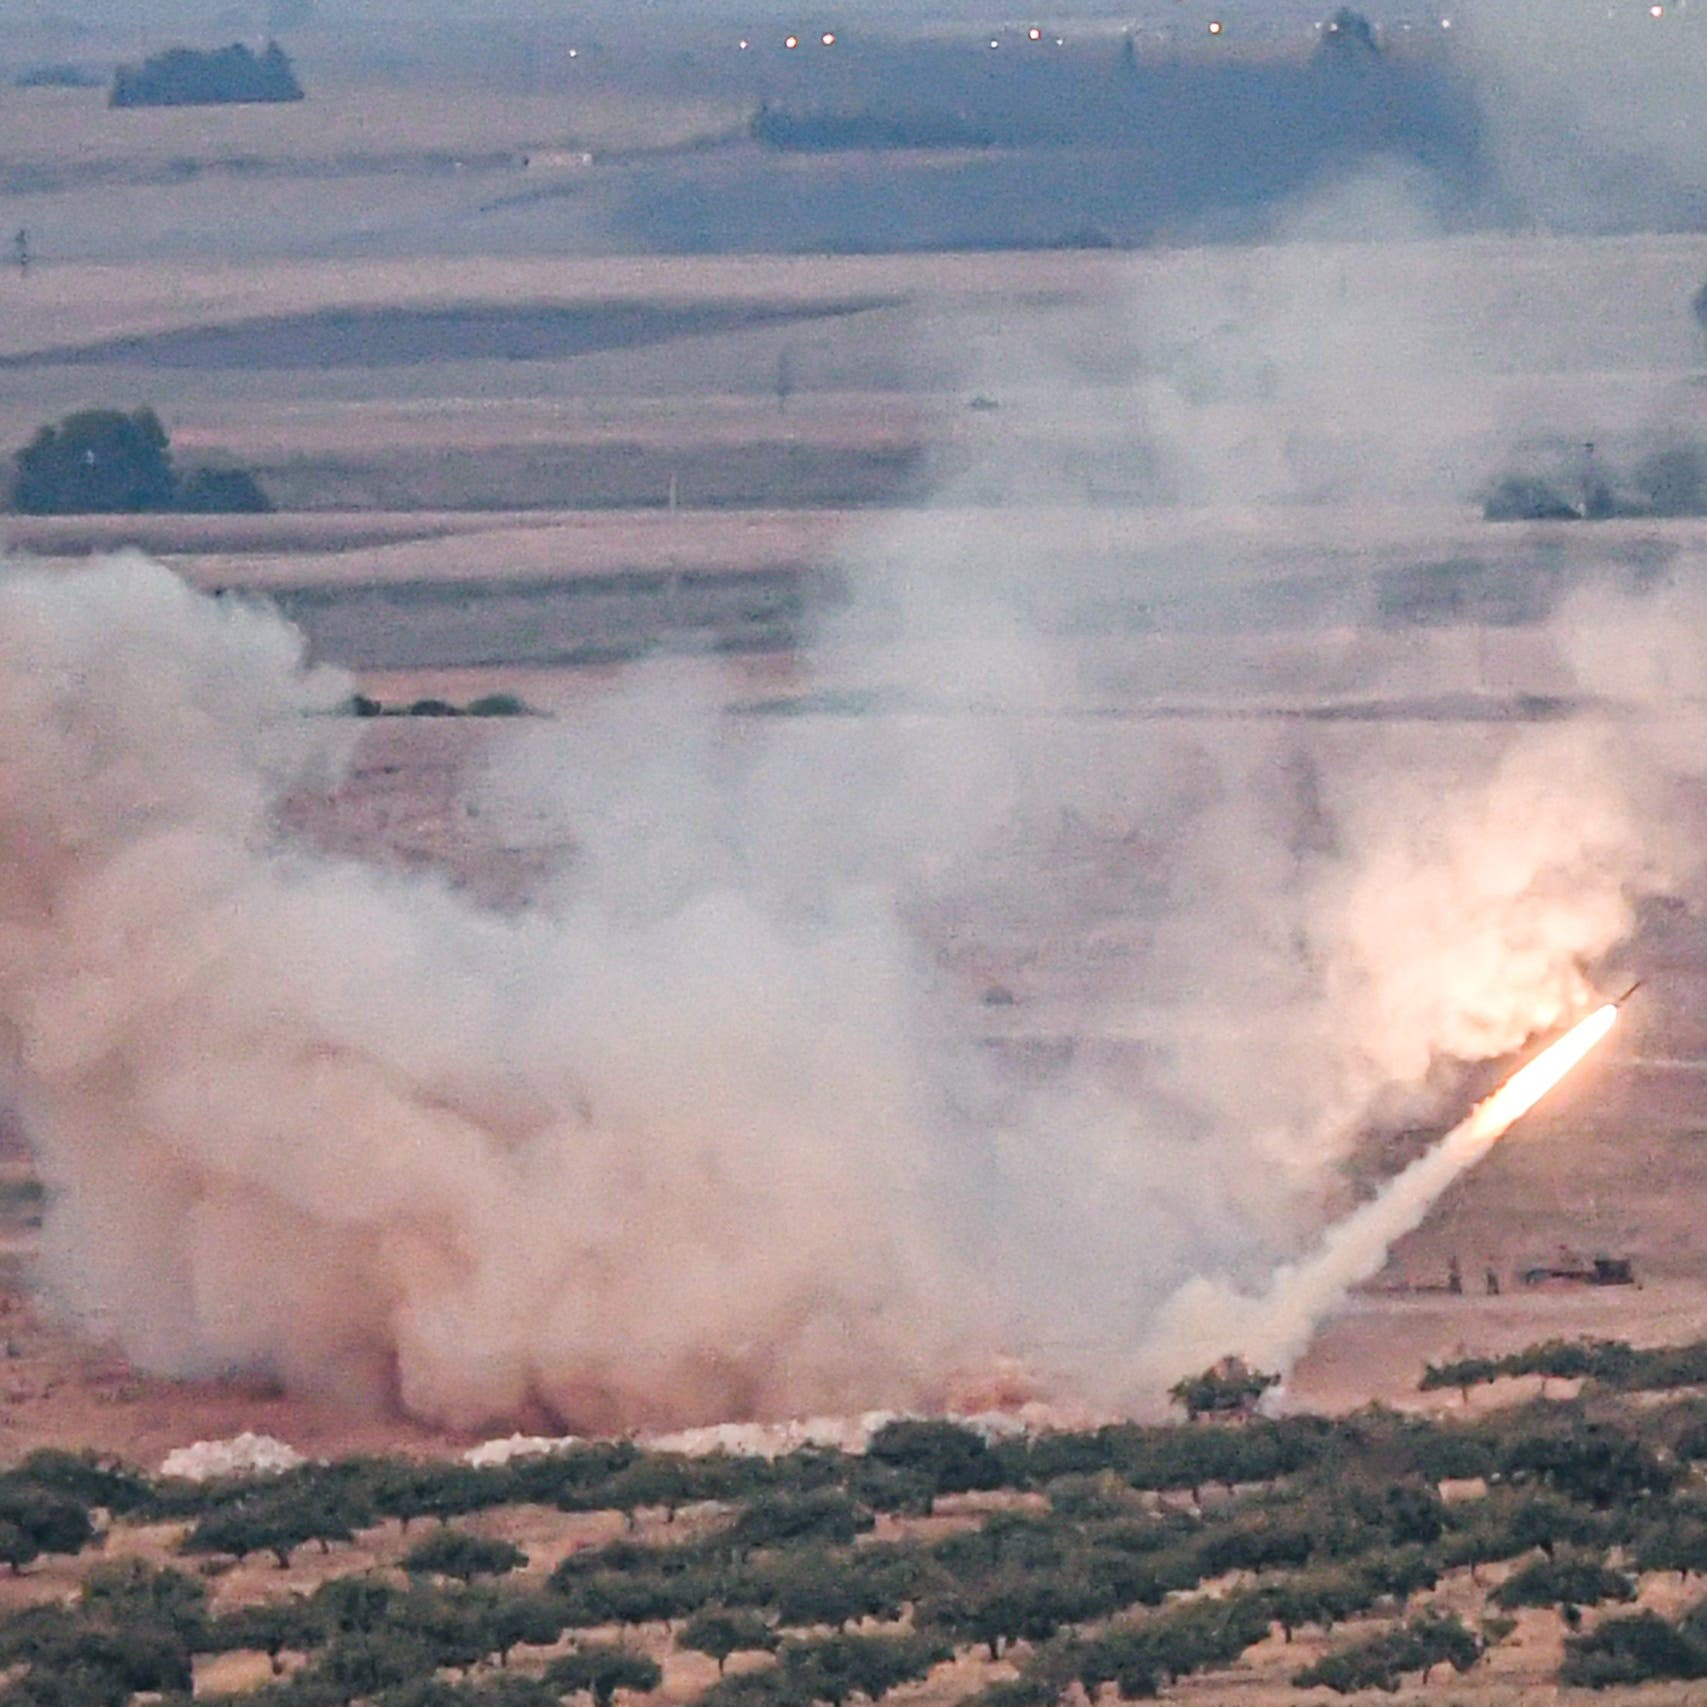 قصف تركي جديد على مناطق الأكراد في ريف حلب